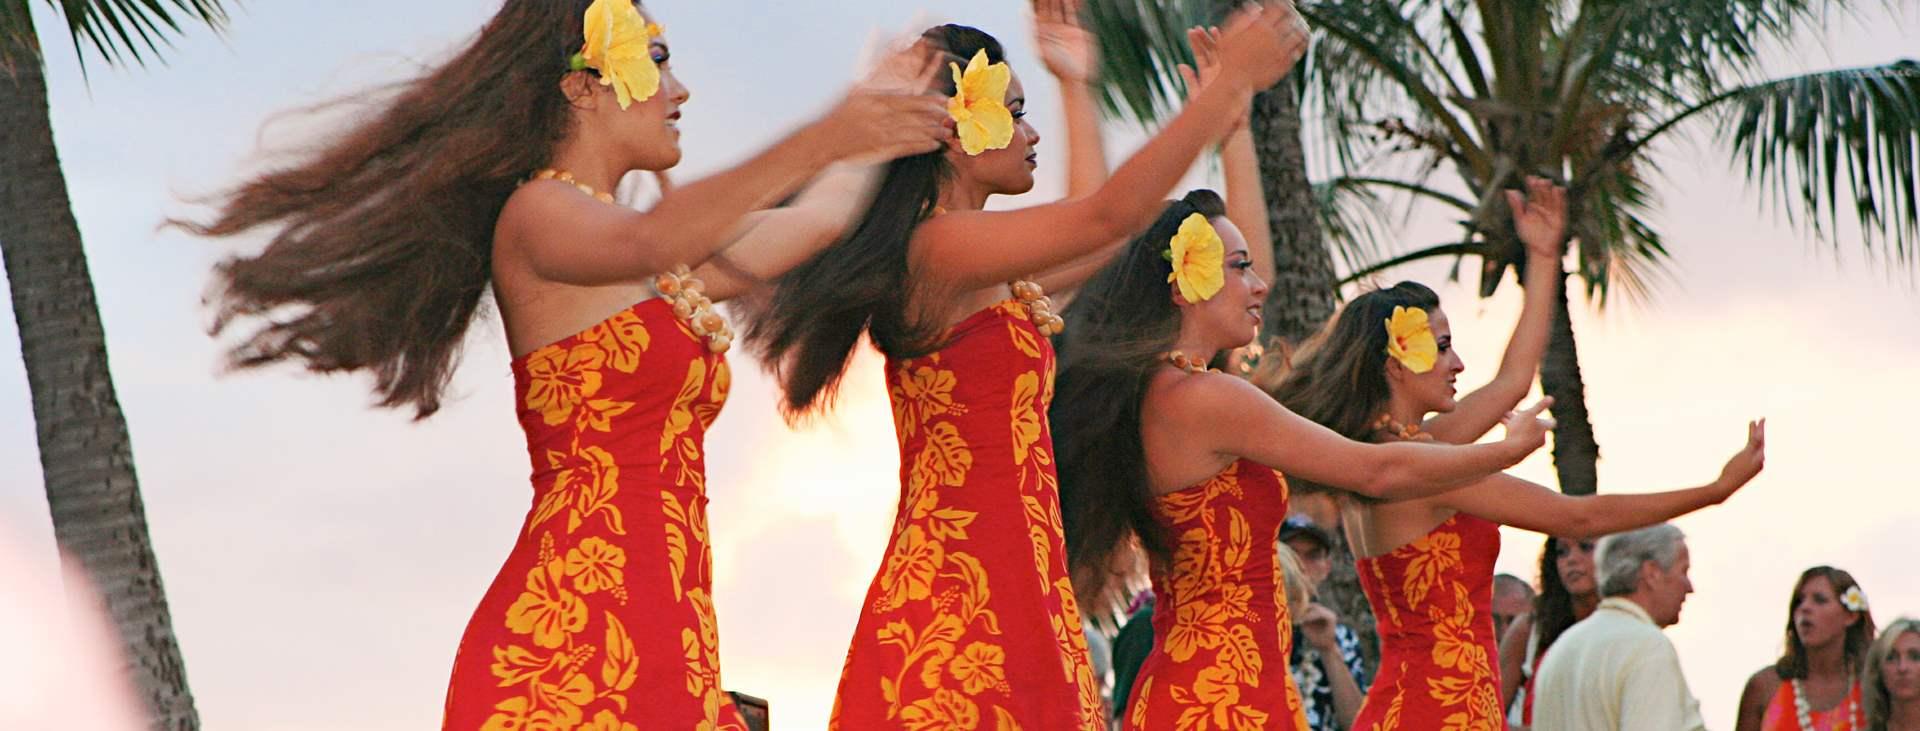 Boka en resa till Maui på Hawaii - upplev USA med Ving